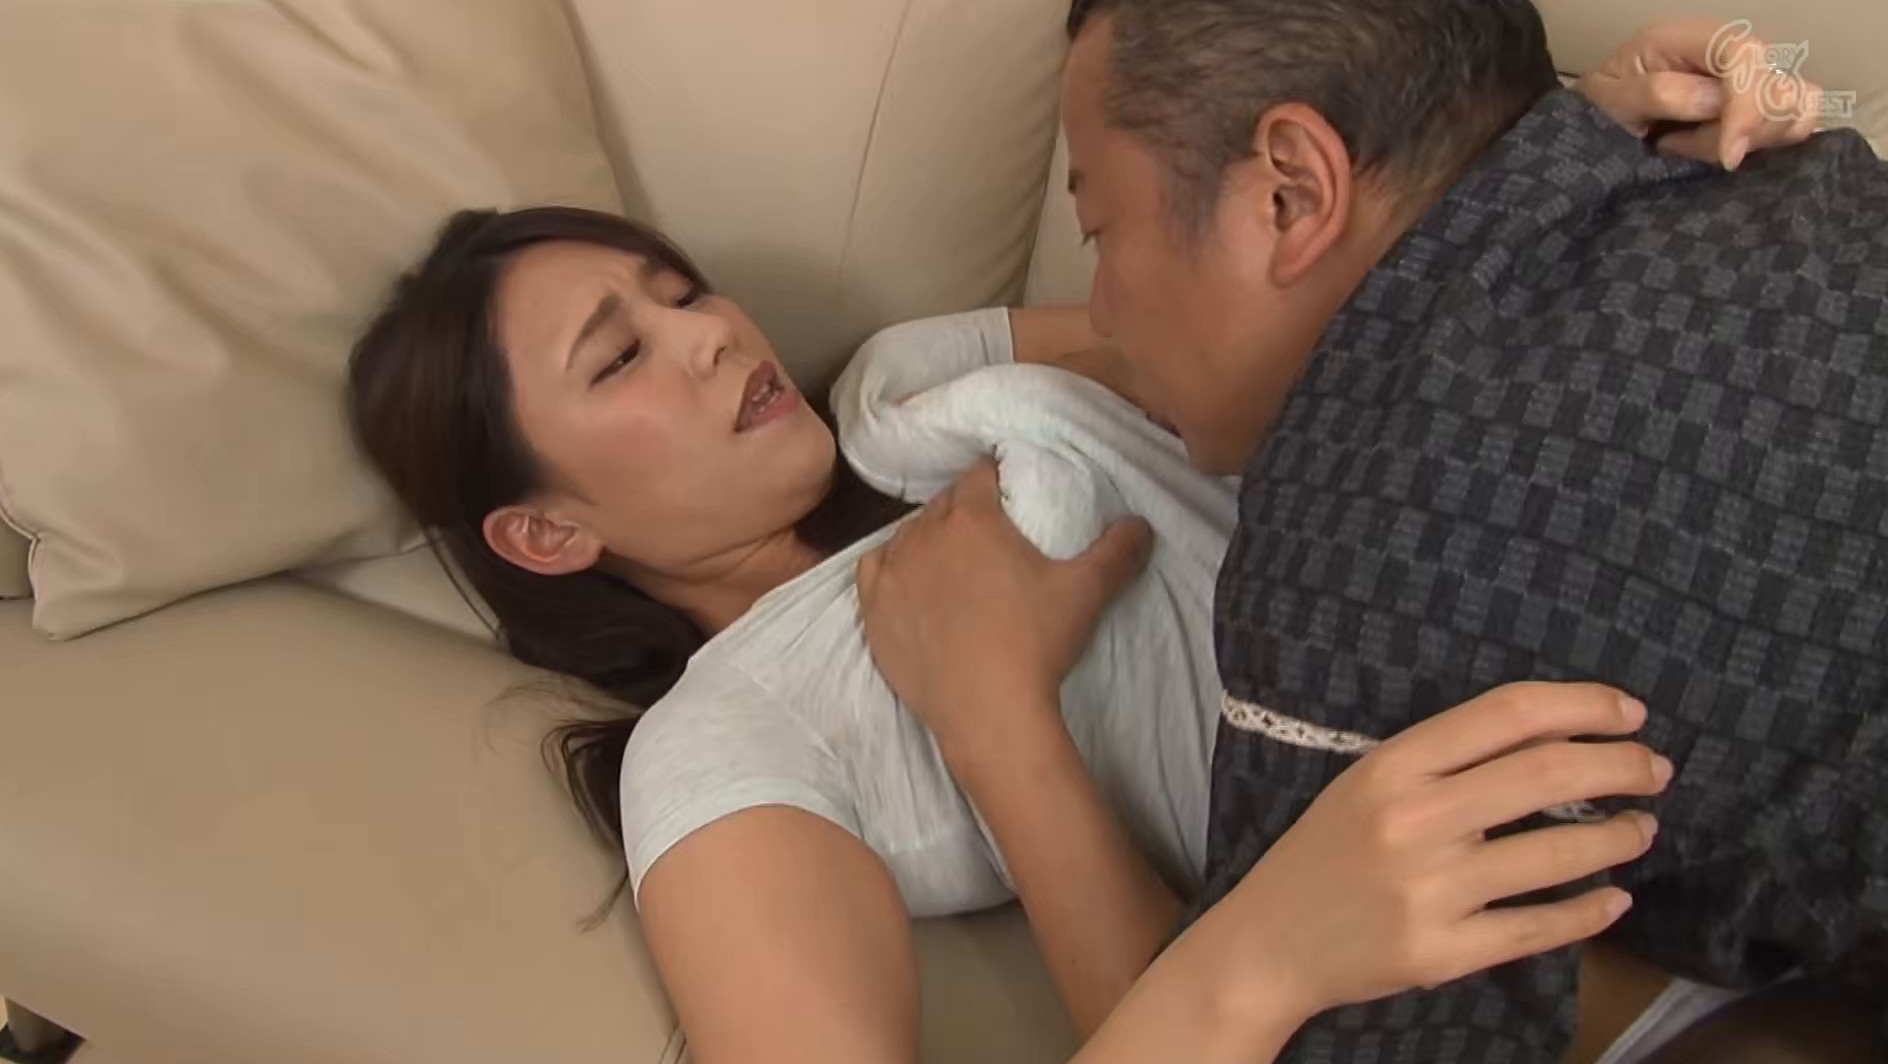 家庭内の至る場所で義父に初アナルを仕込まれる美人嫁 中尾芽衣子 画像5